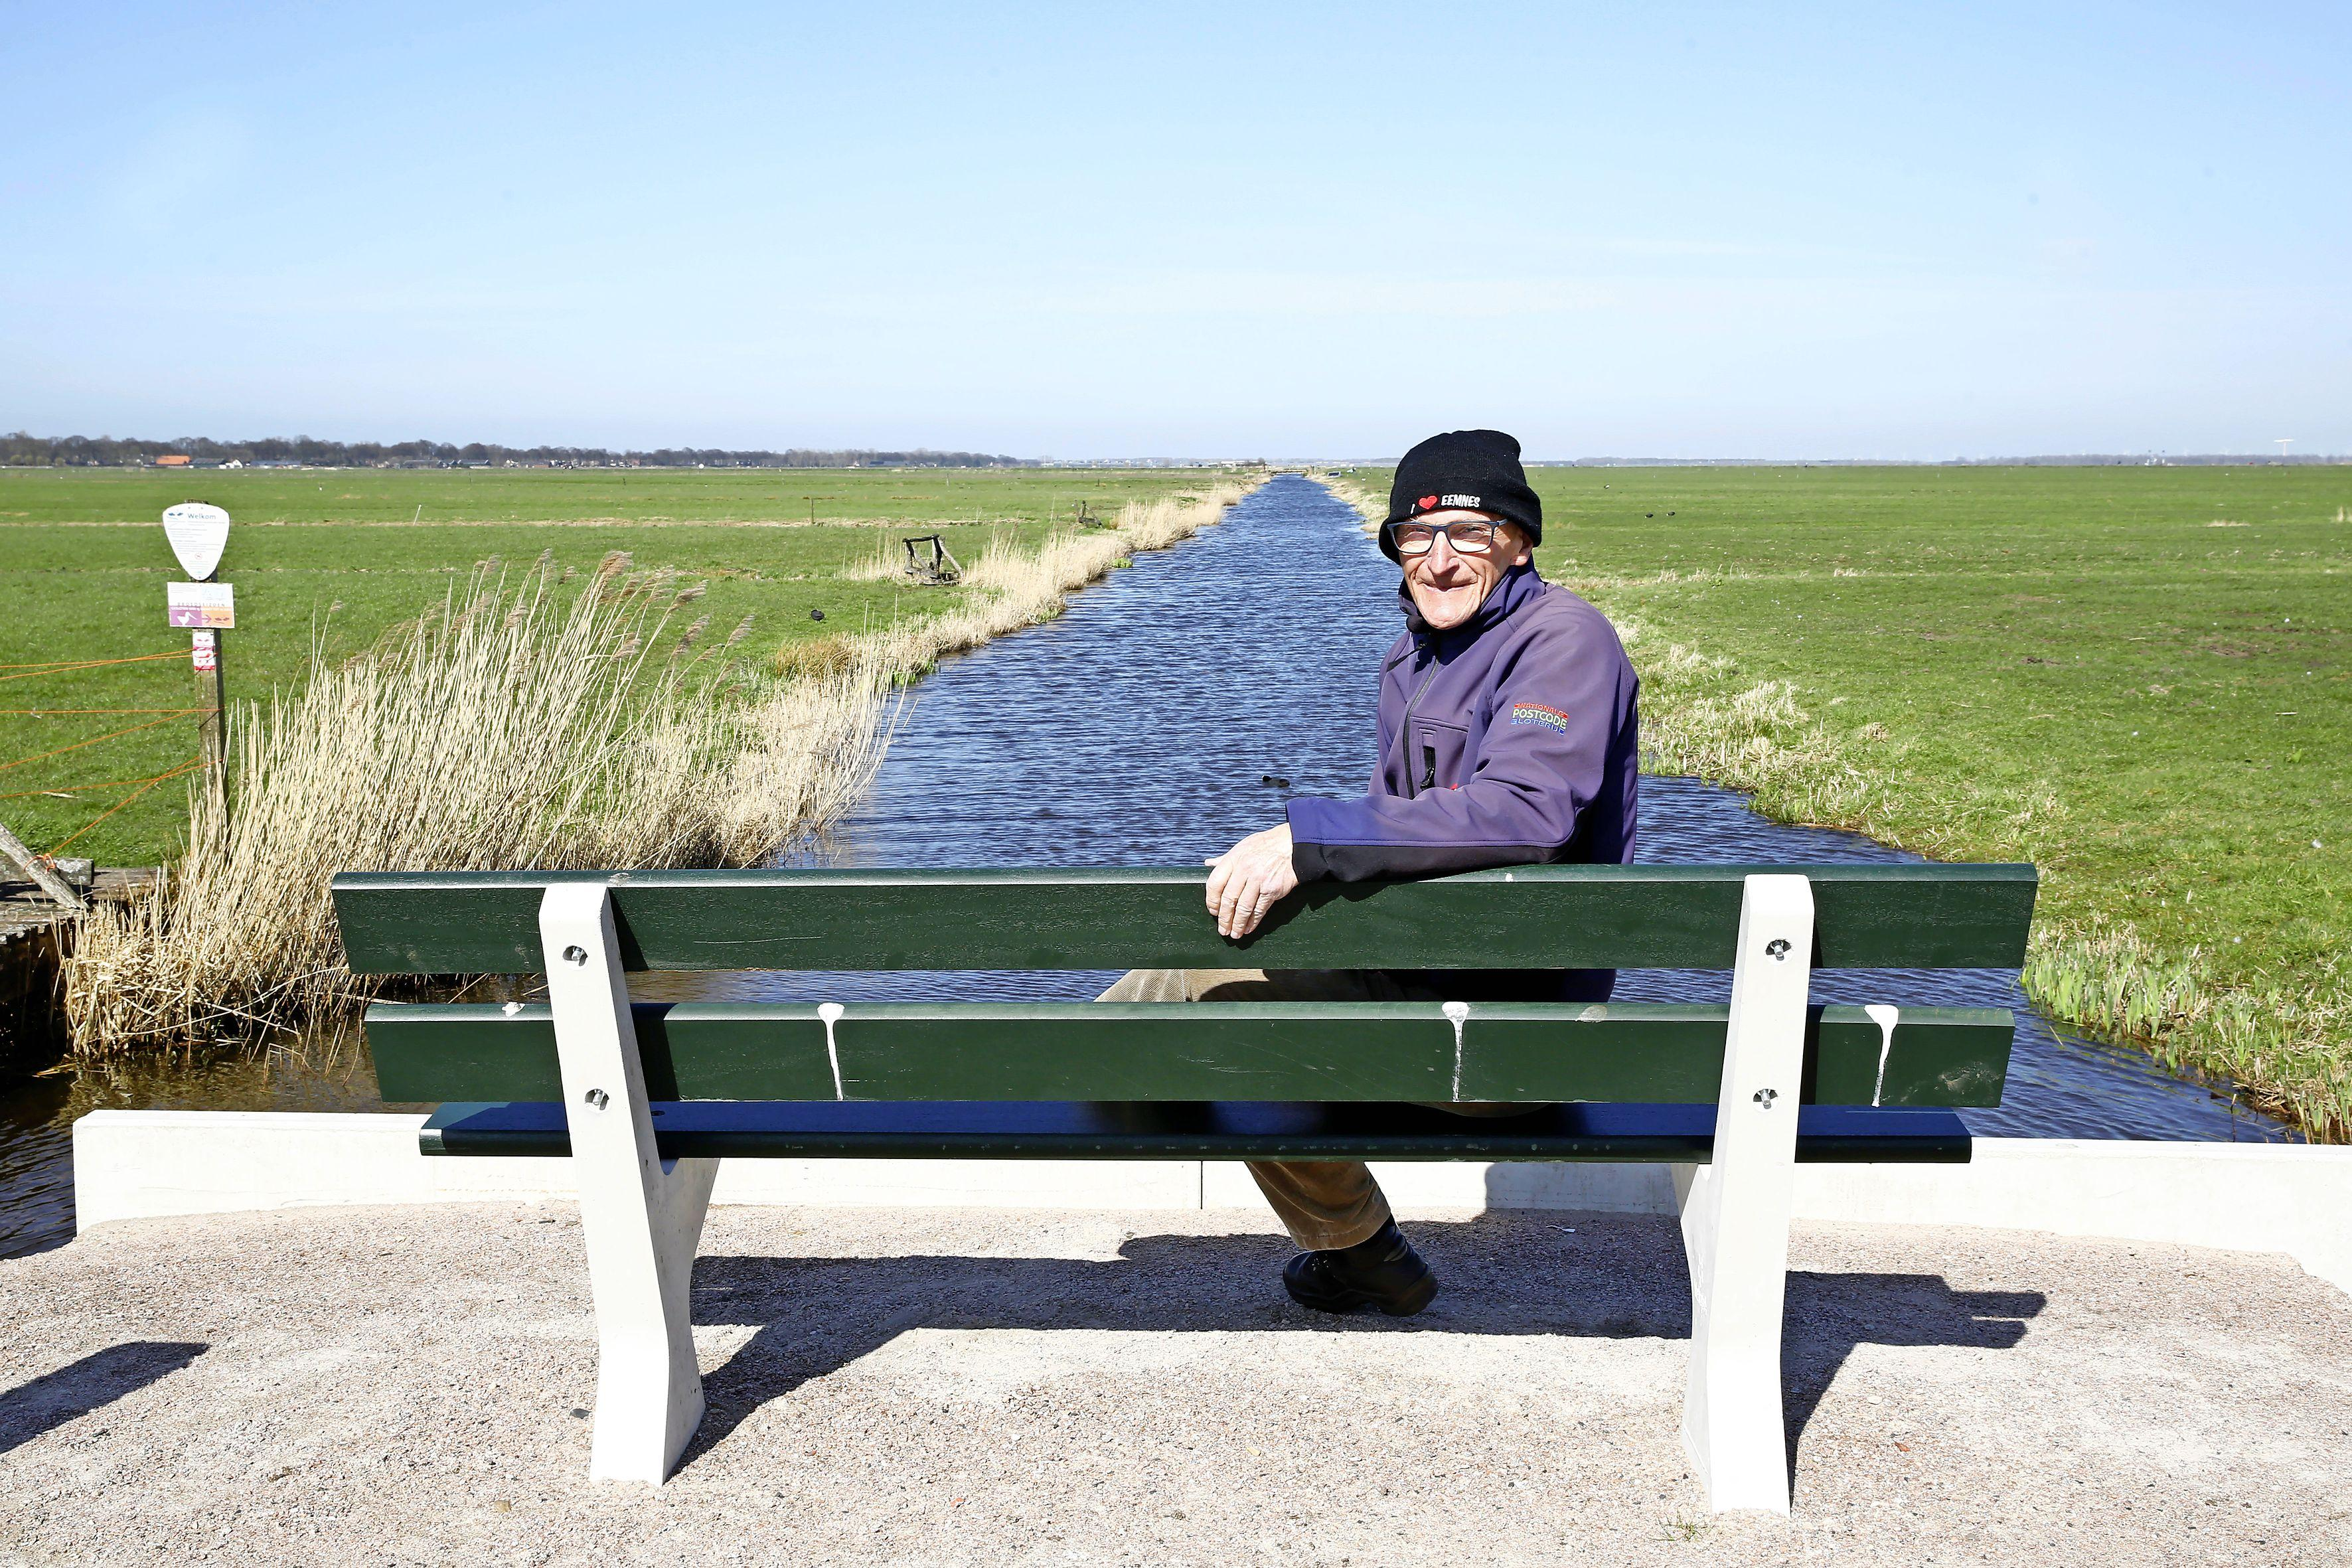 De 82-jarige Jan Manten vertelt over zijn avonturen in de polder. Vroeger raapte hij hier eieren, nu zwerfafval; 'Tegenwoordig wil de mens de natuur regelen'